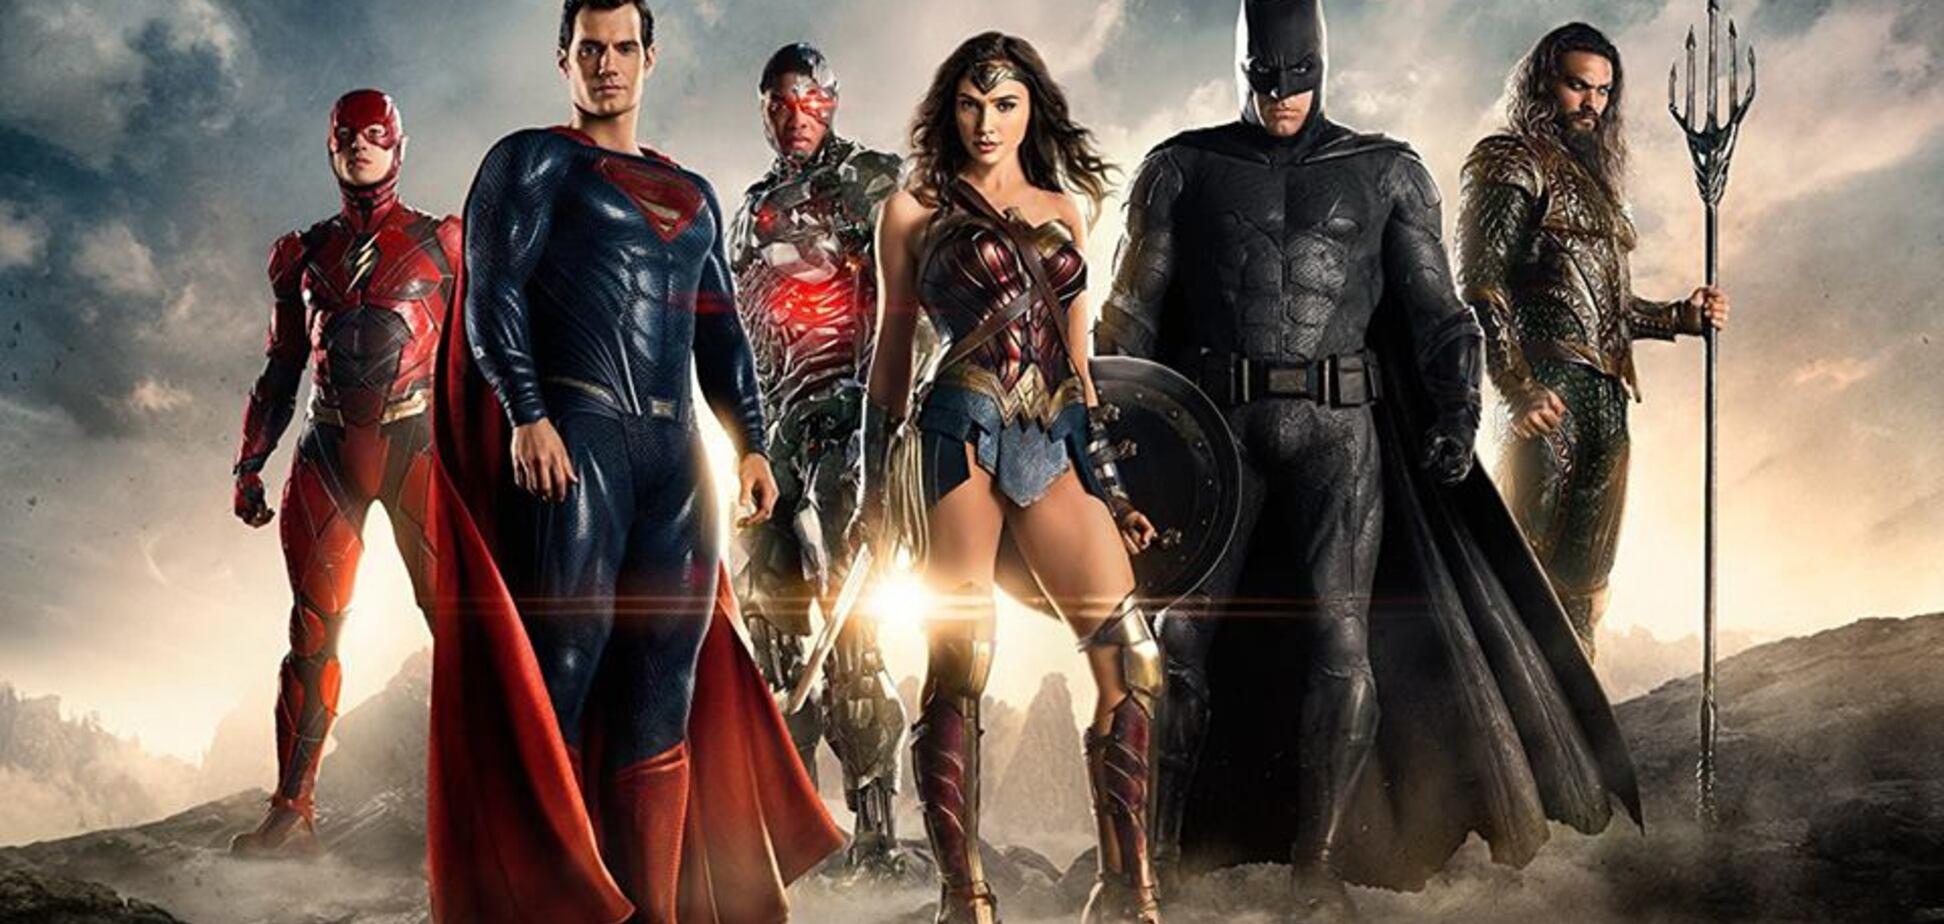 'Лига справедливости': чем удивит новый экшн о вселенной DC Comics